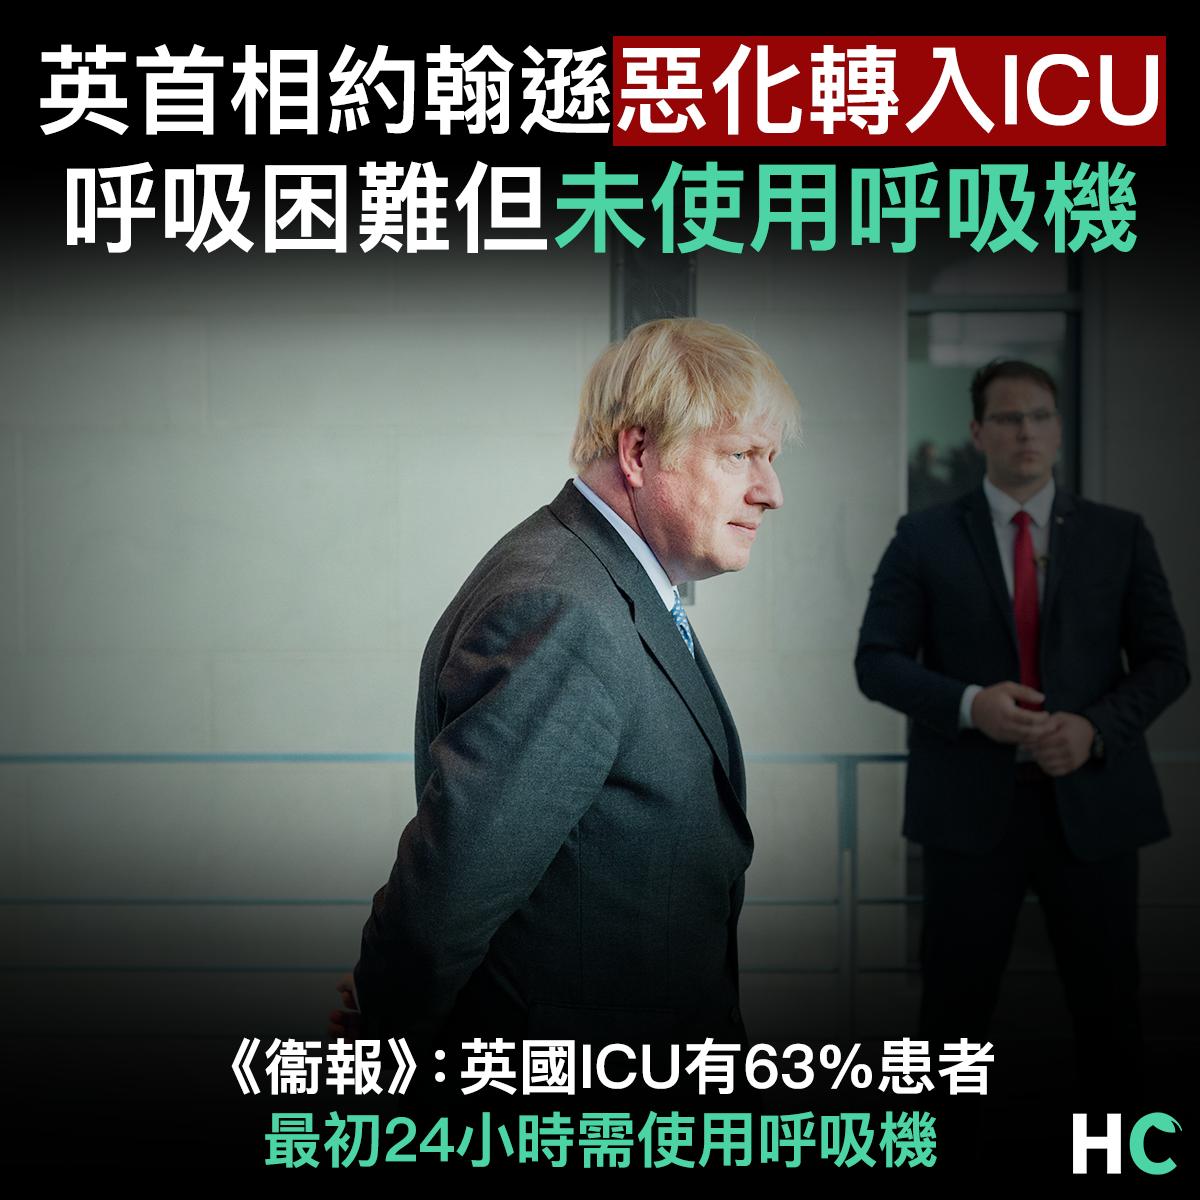 【#武漢肺炎】英首相約翰遜惡化轉入ICU 呼吸困難但未使用呼吸機